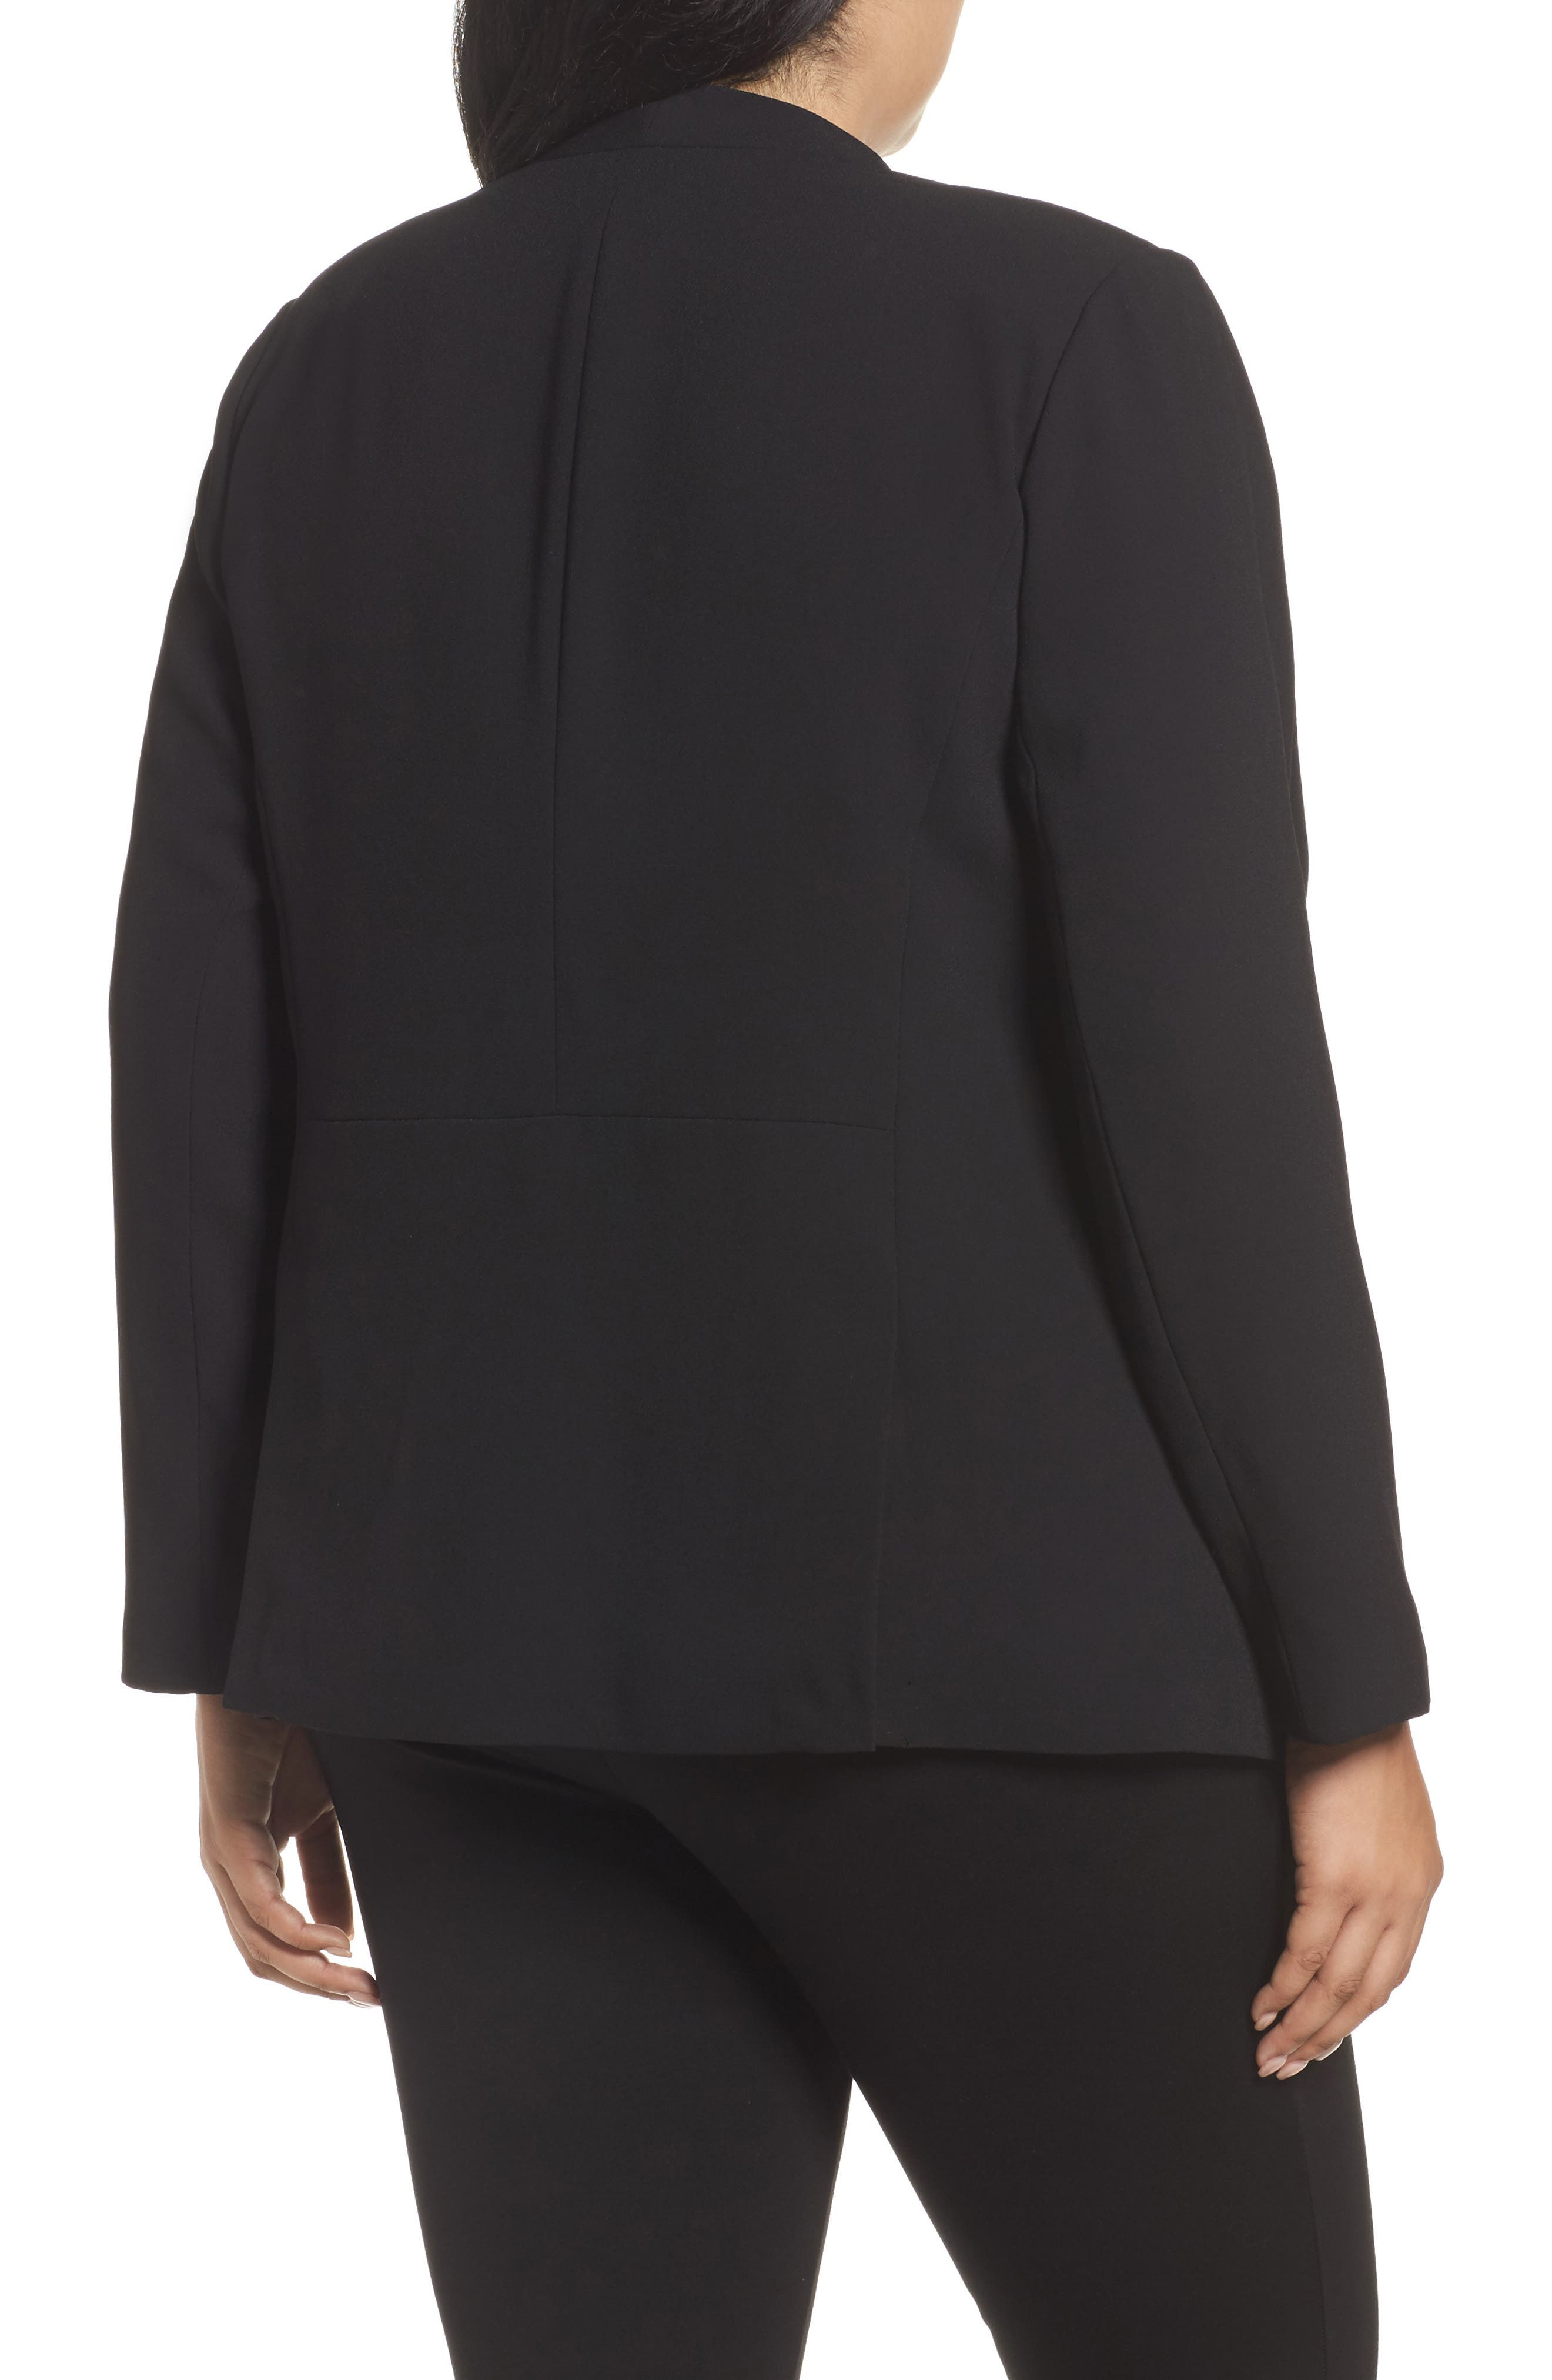 Alternate Image 2  - Sejour Drape Front Crepe Jacket (Plus Size)